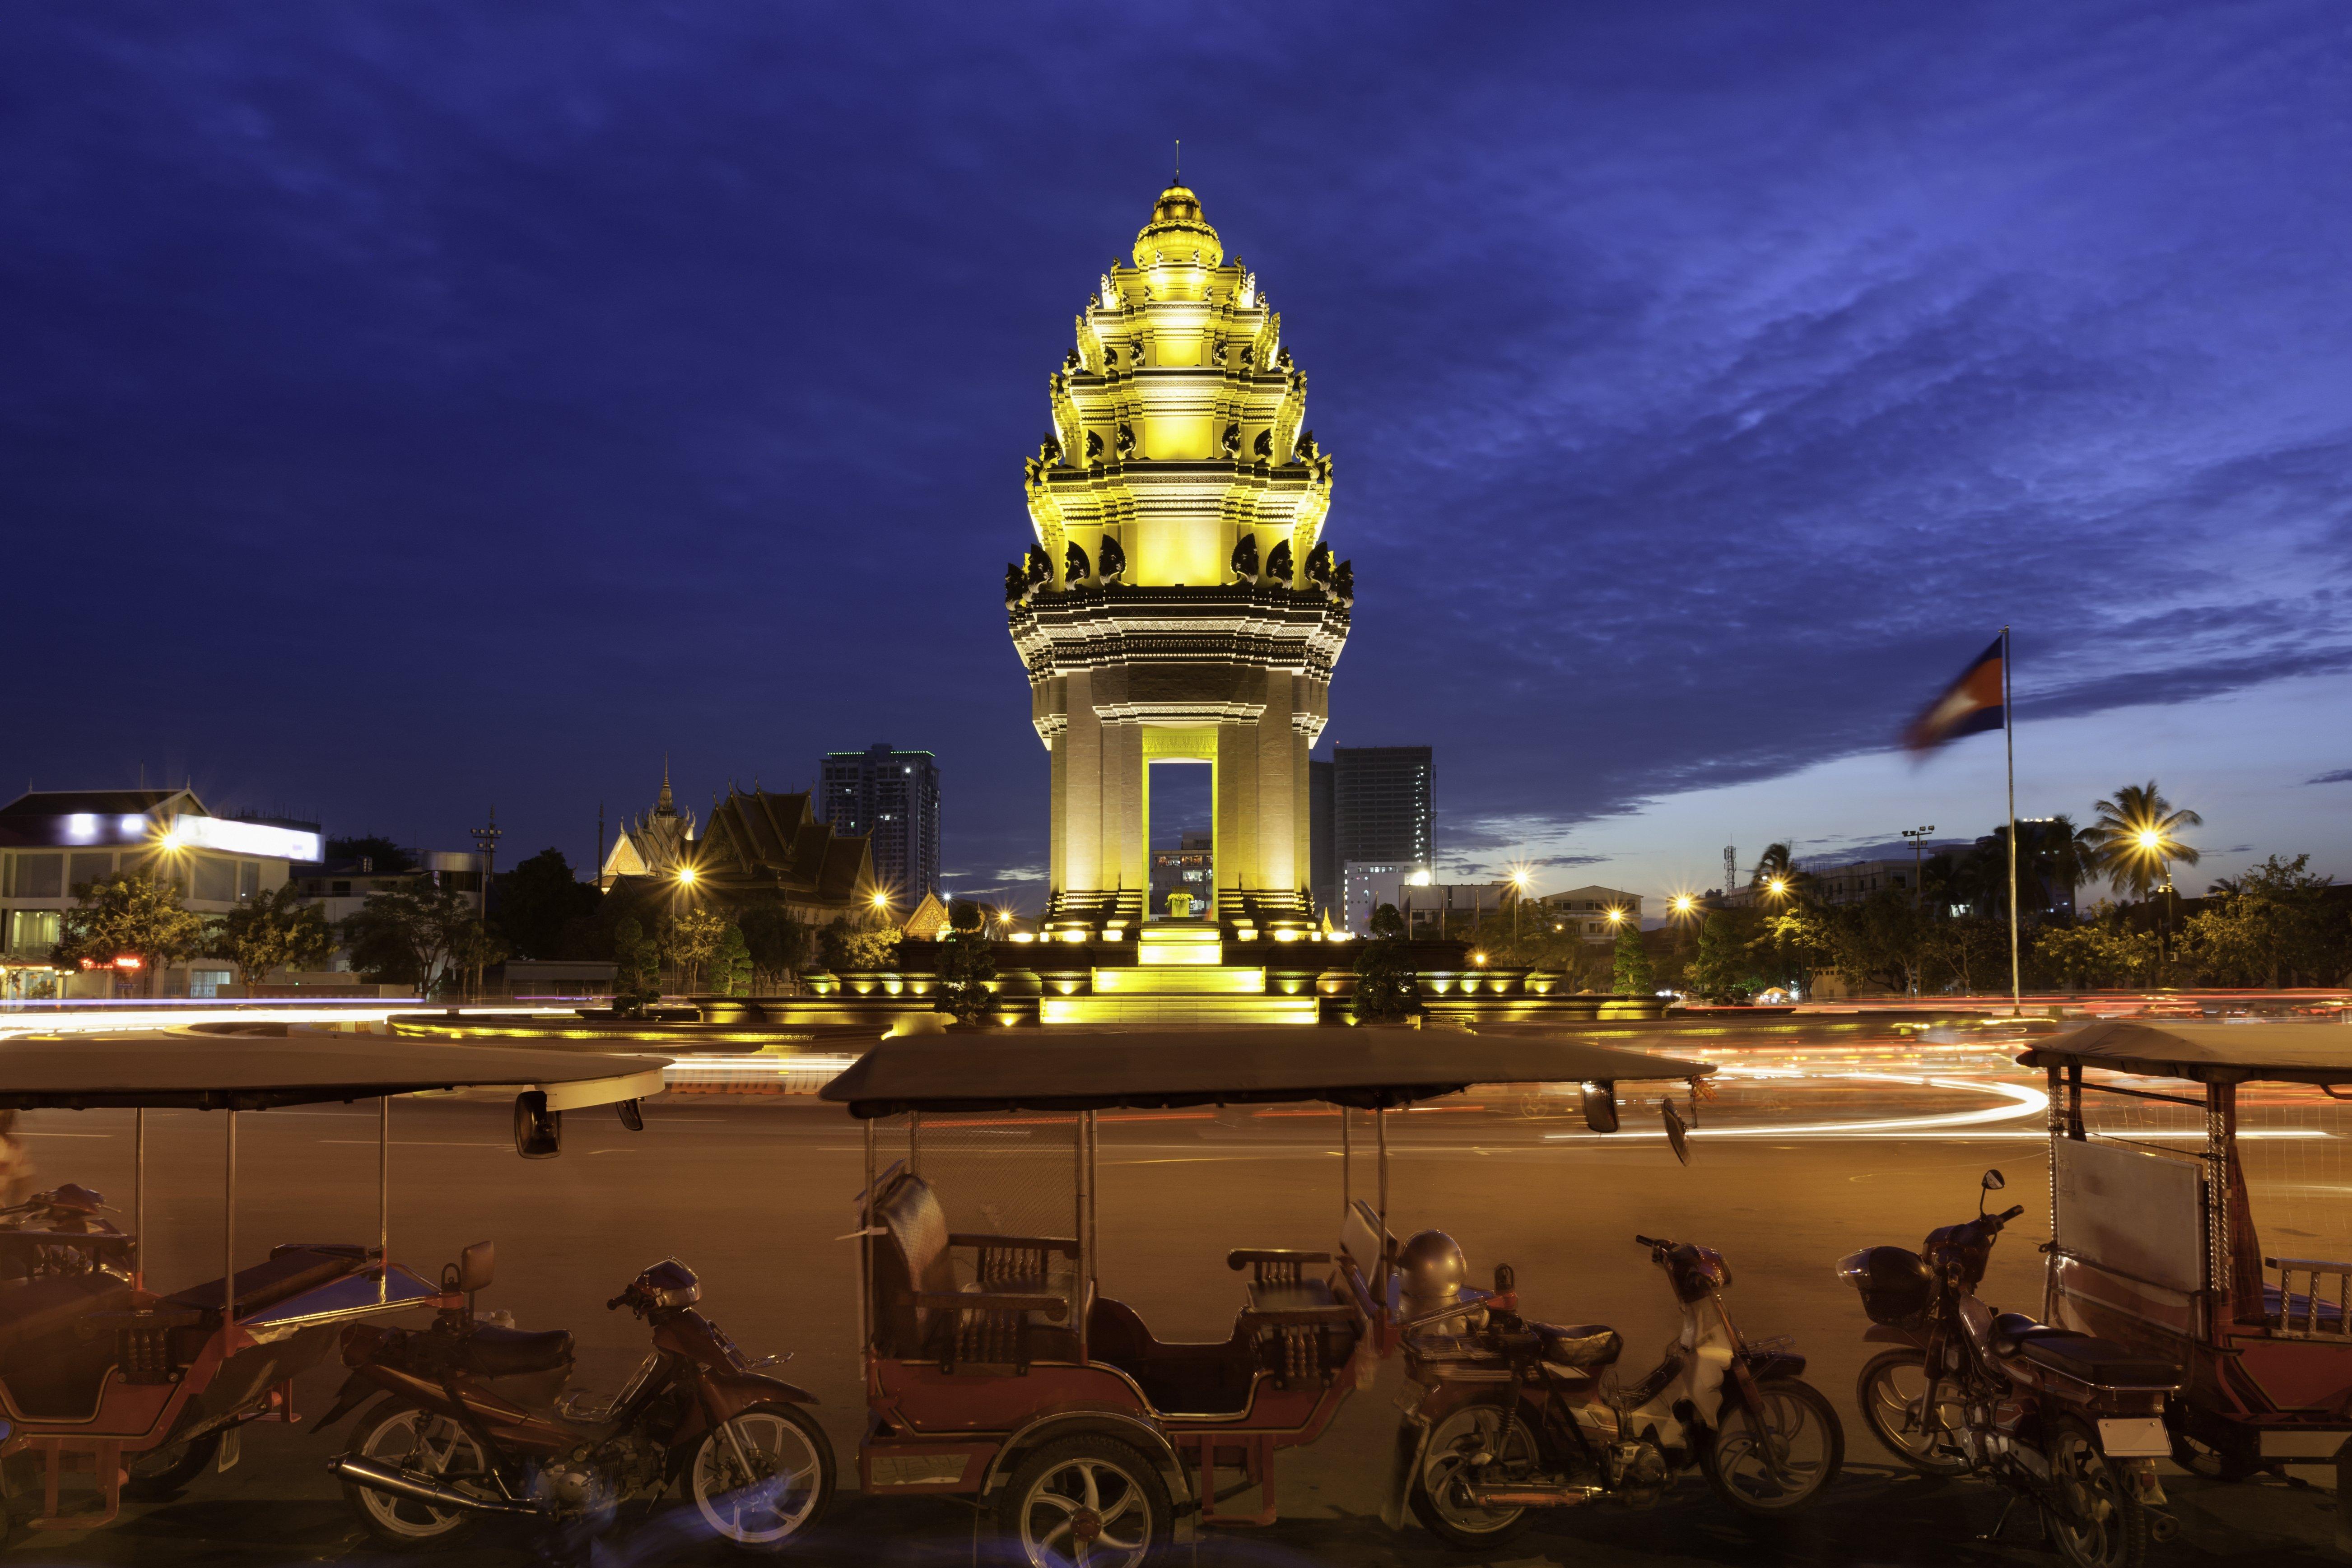 Tuk Tuks in Cambodia.